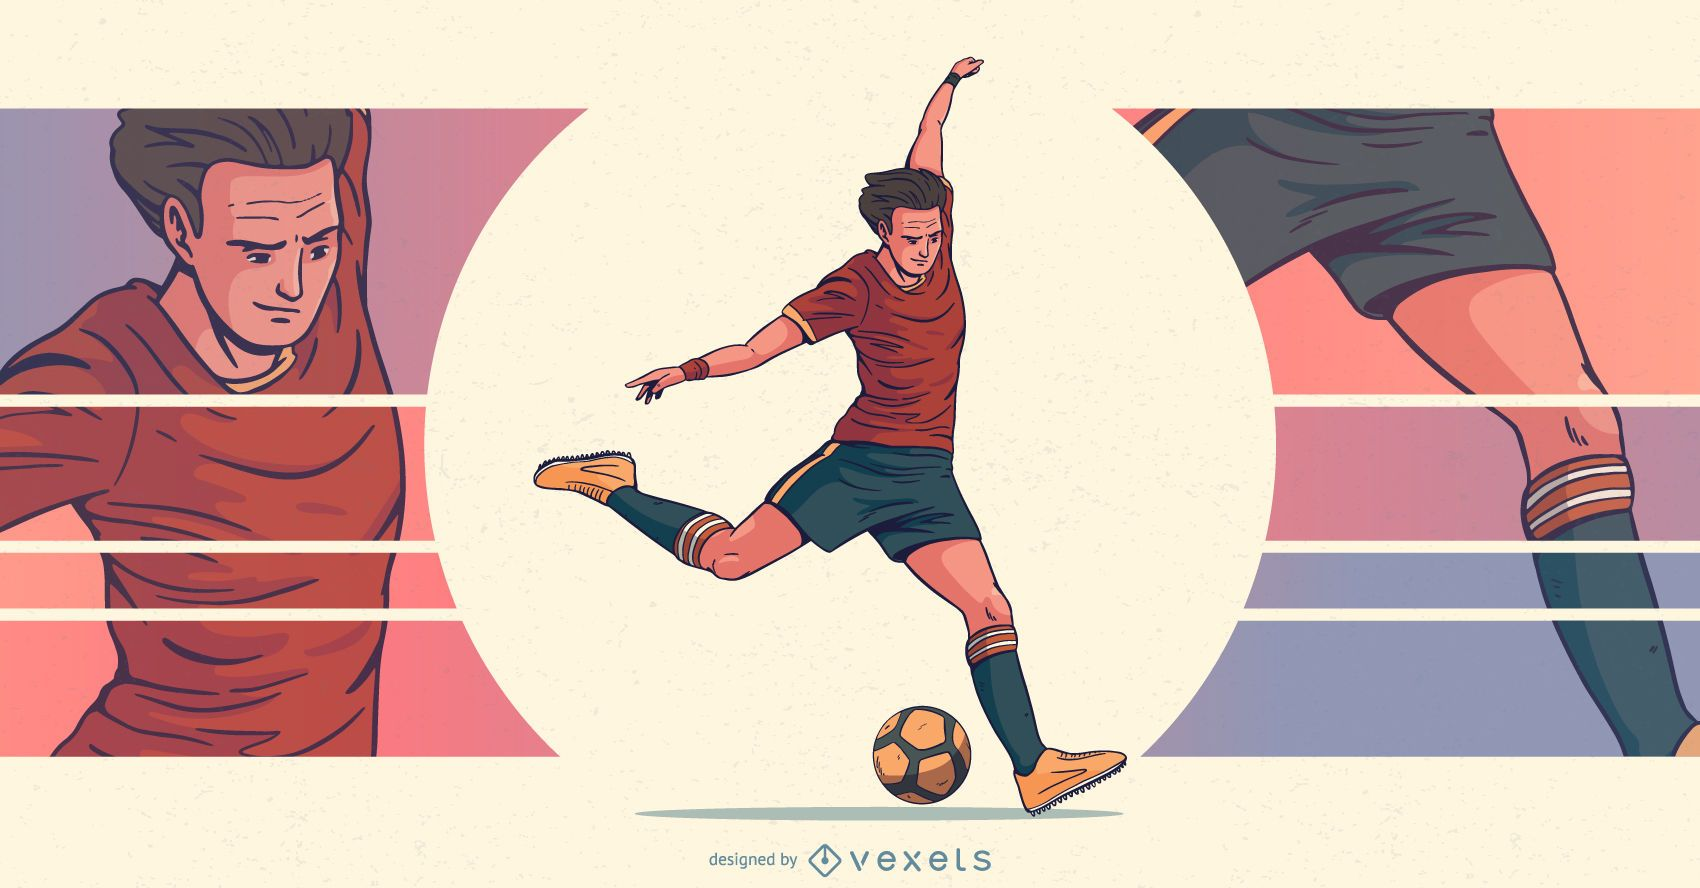 Ilustración de deportes de jugador de fútbol